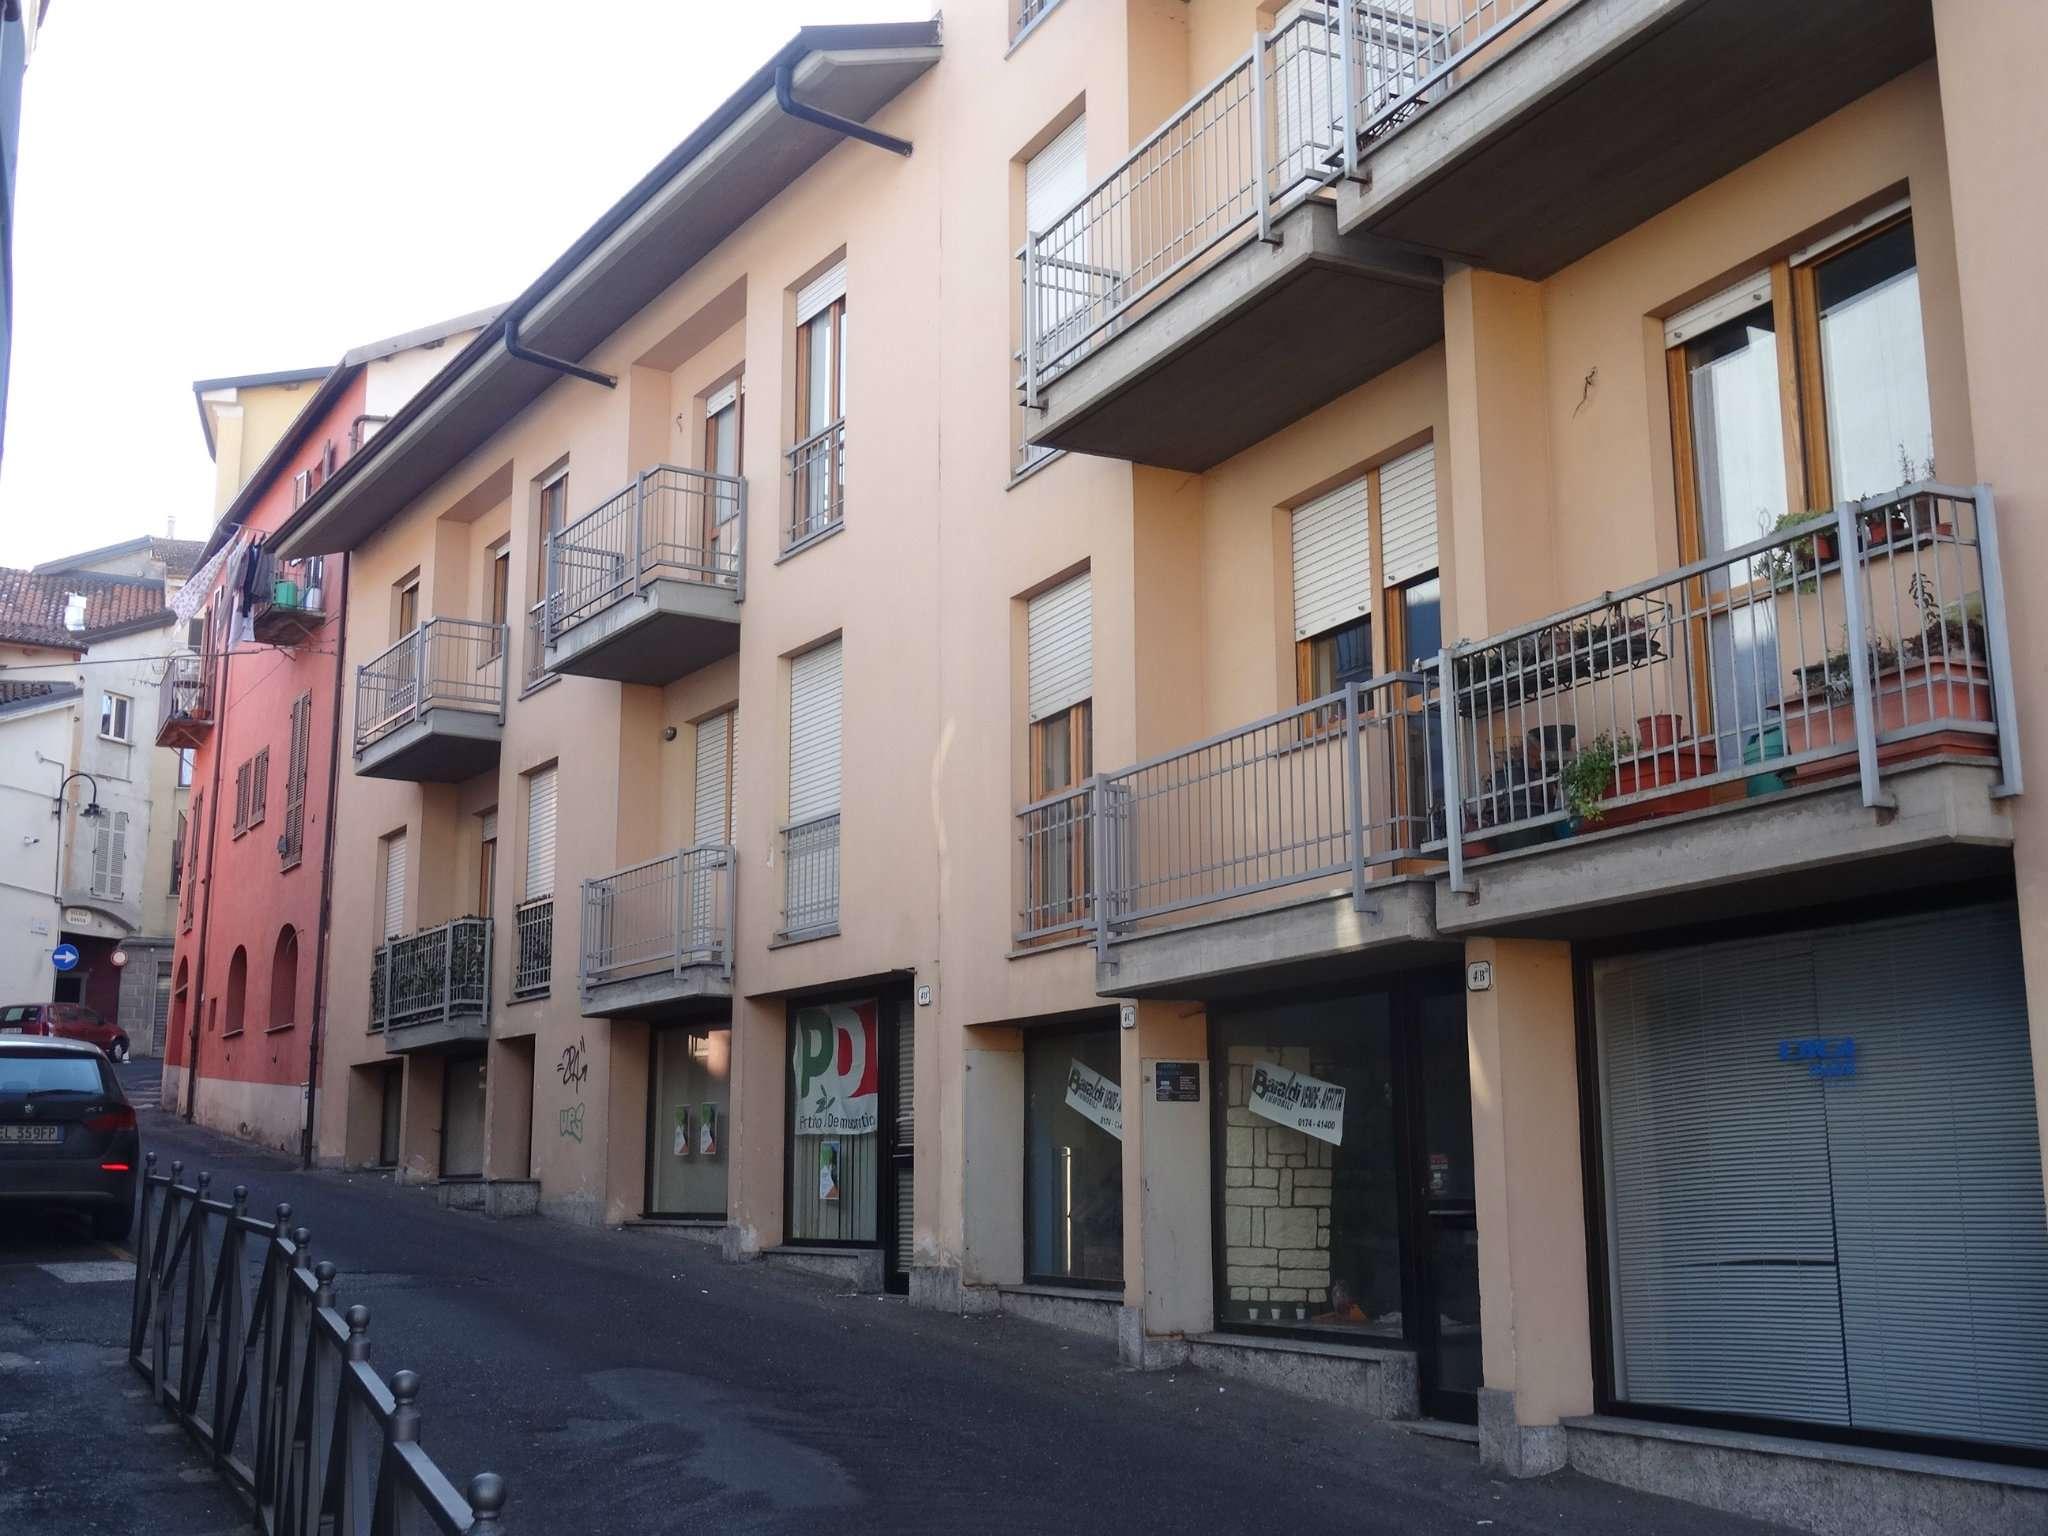 Magazzino in vendita a Mondovì, 1 locali, prezzo € 21.200 | CambioCasa.it